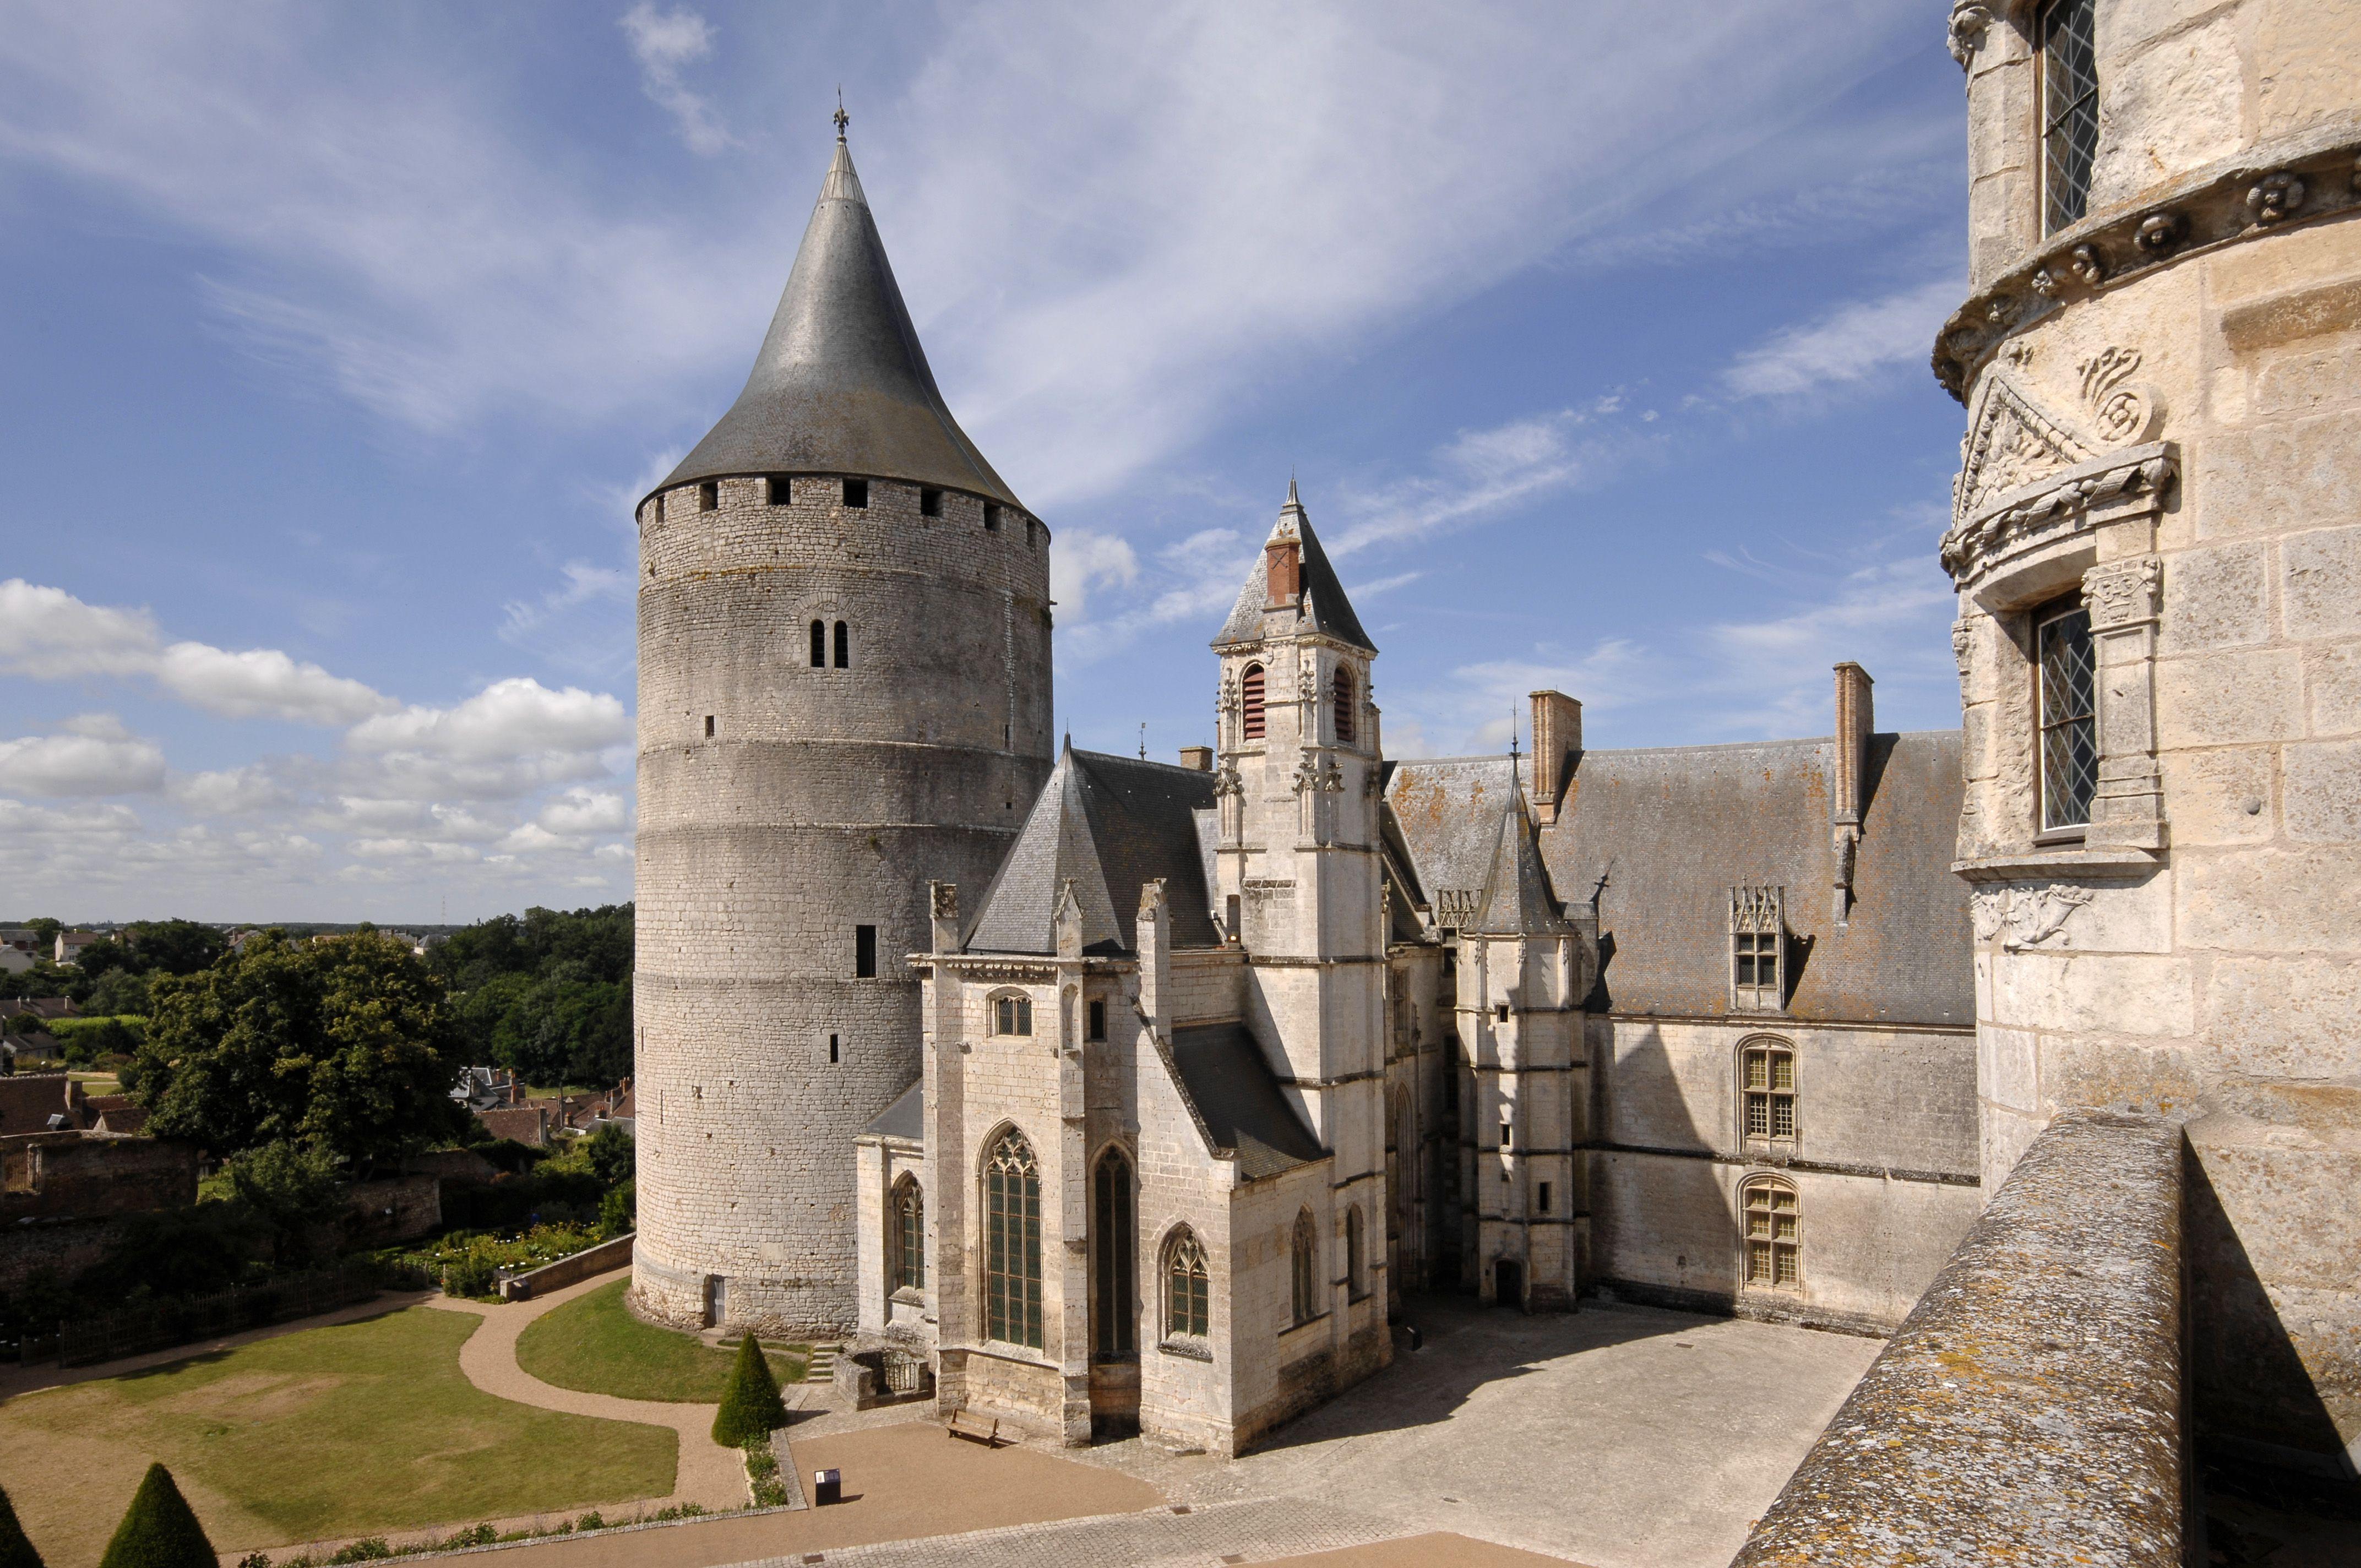 Château de Châteaudun, France. #Châteaudun #leCMN